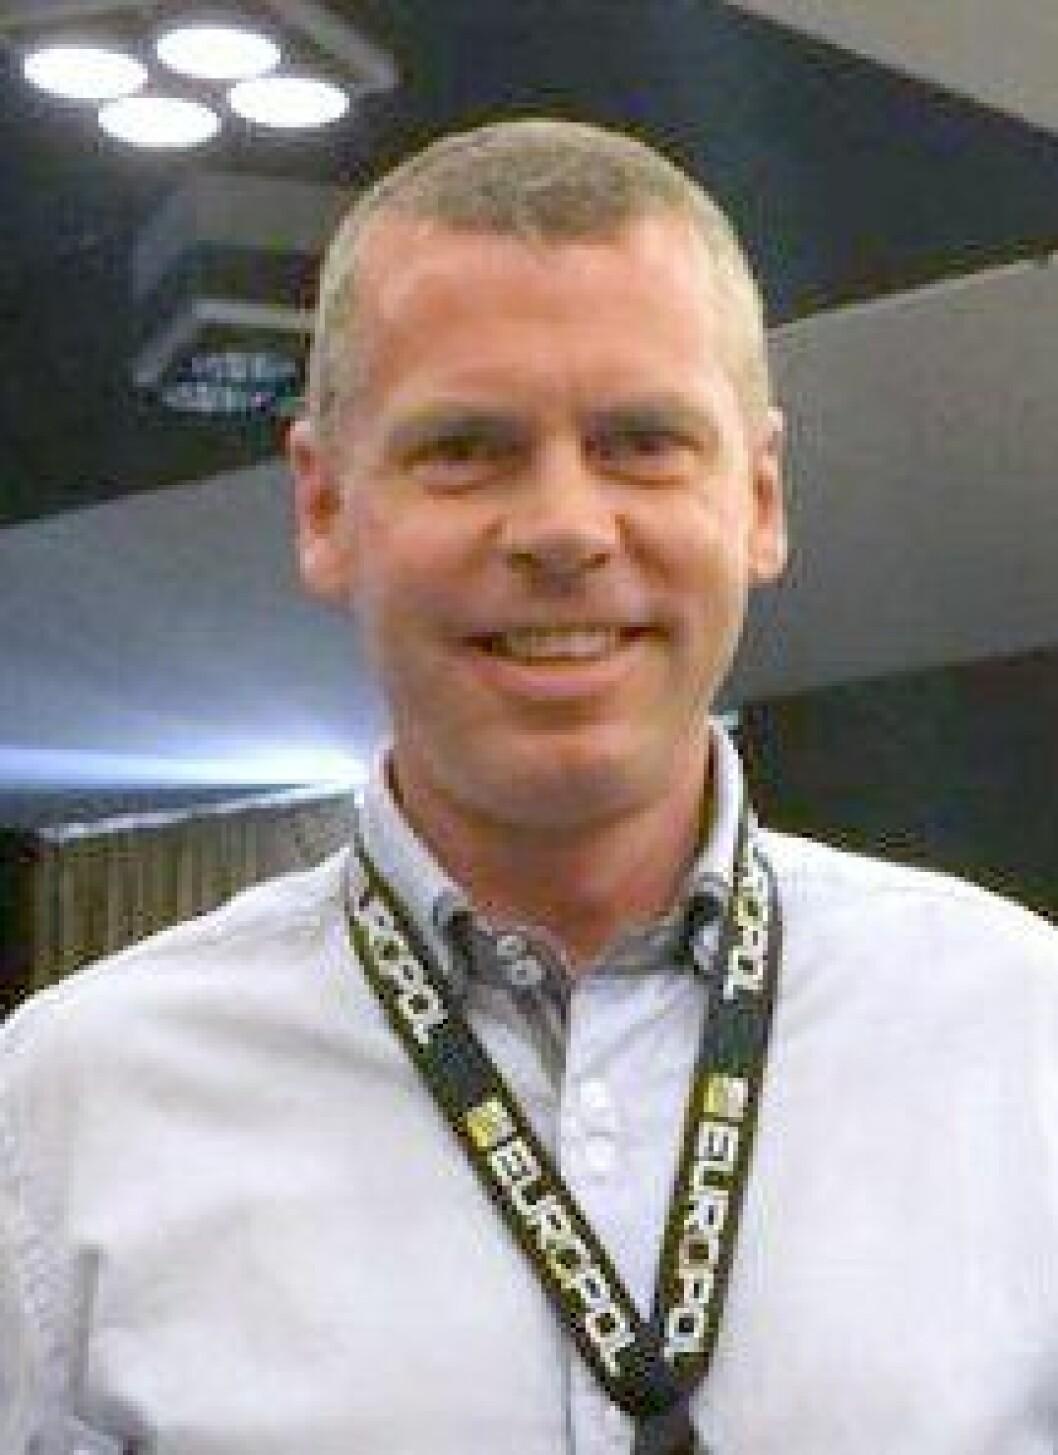 Robert Furuhaug